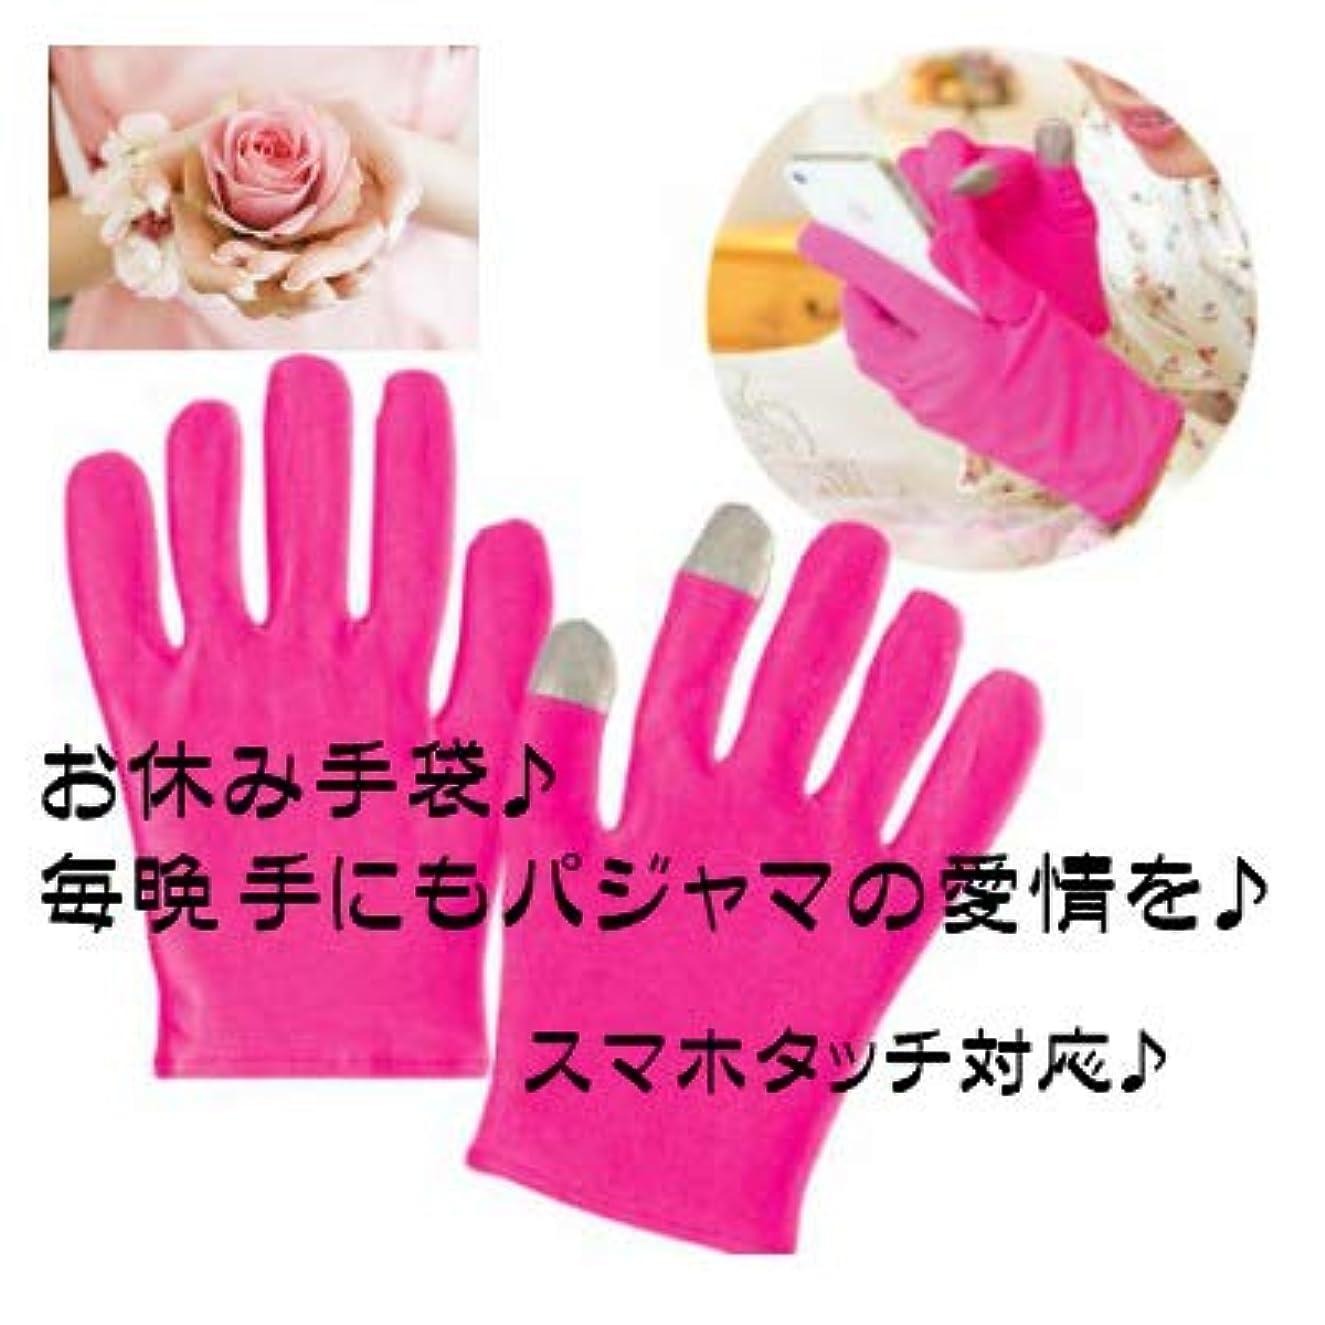 太字組み立てるペン美容ハンドケア手袋 就寝手袋 スマホタッチ対応 おやすみ手袋保湿手袋